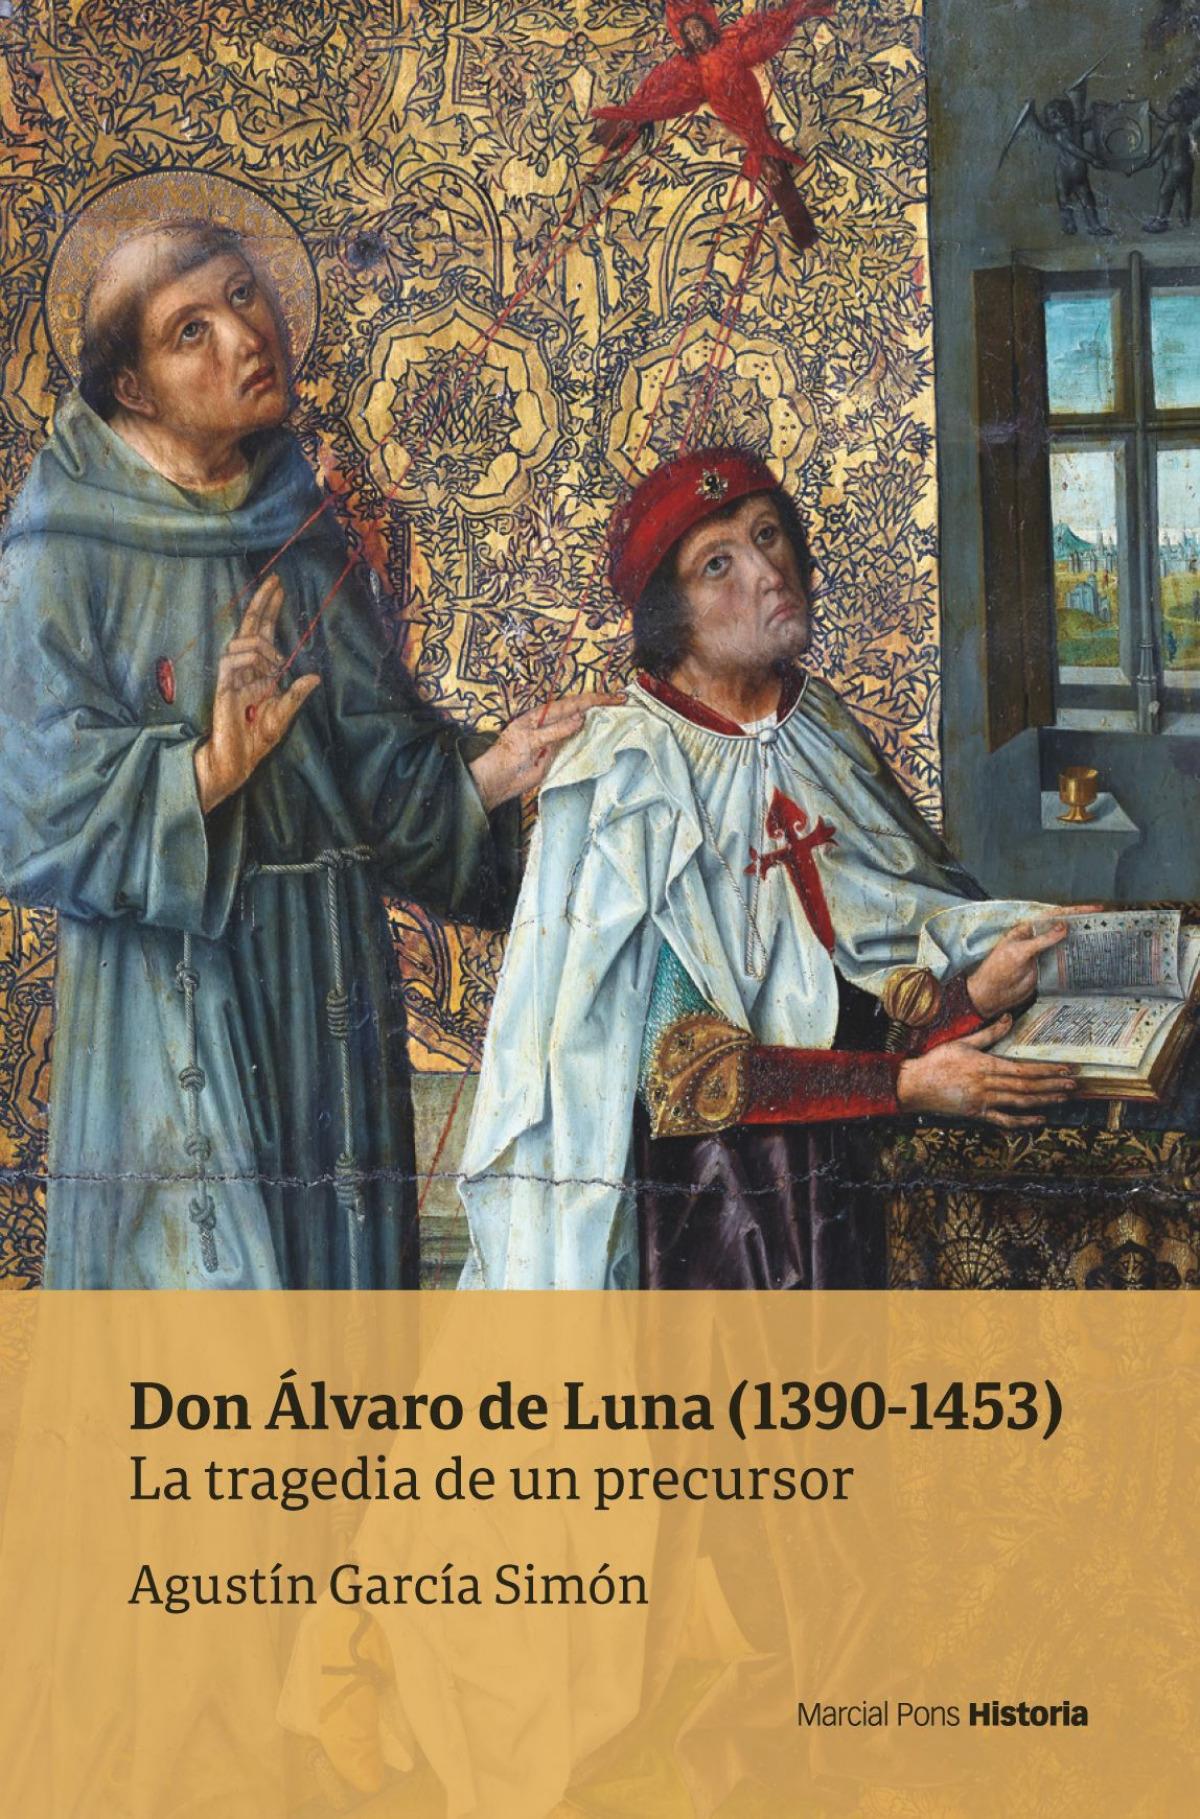 Don Álvaro de Luna (1390-1453)